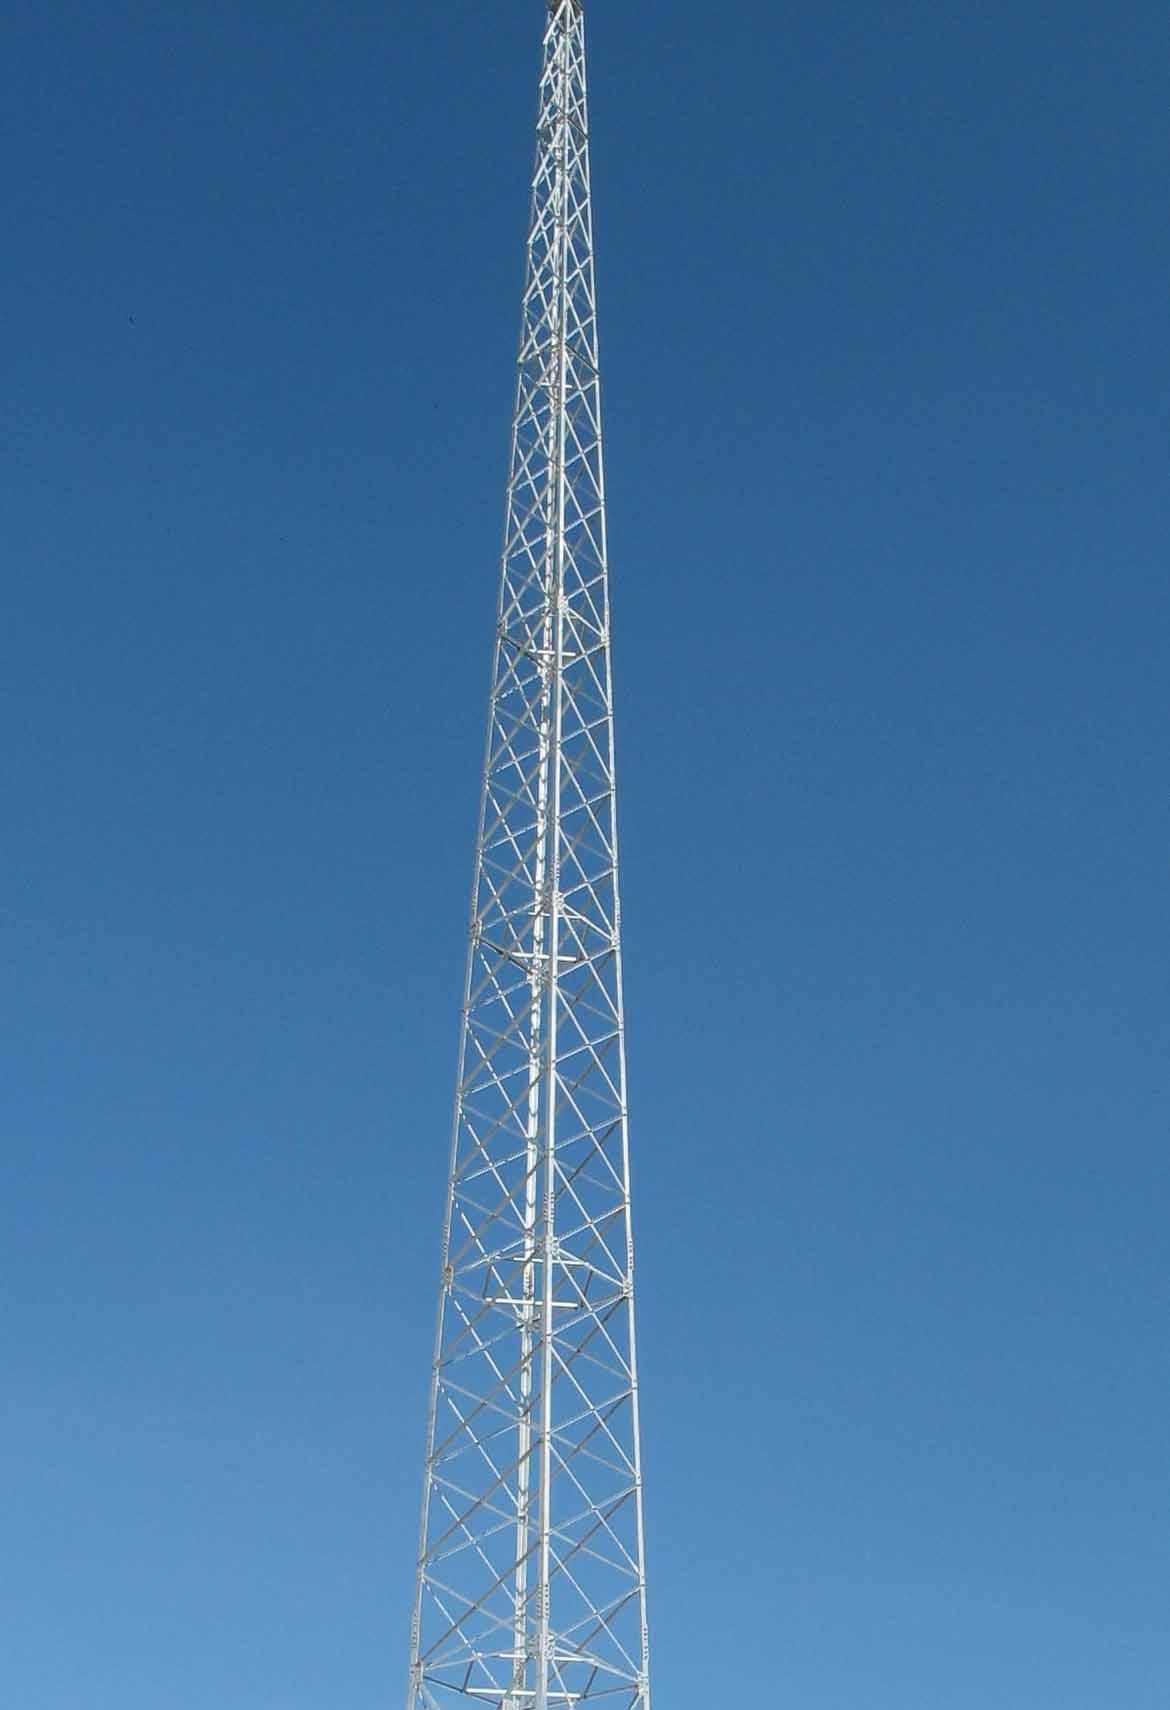 A型避雷塔 抗风A型避雷塔 通讯基站用A型避雷塔 价格 谷瀑环保